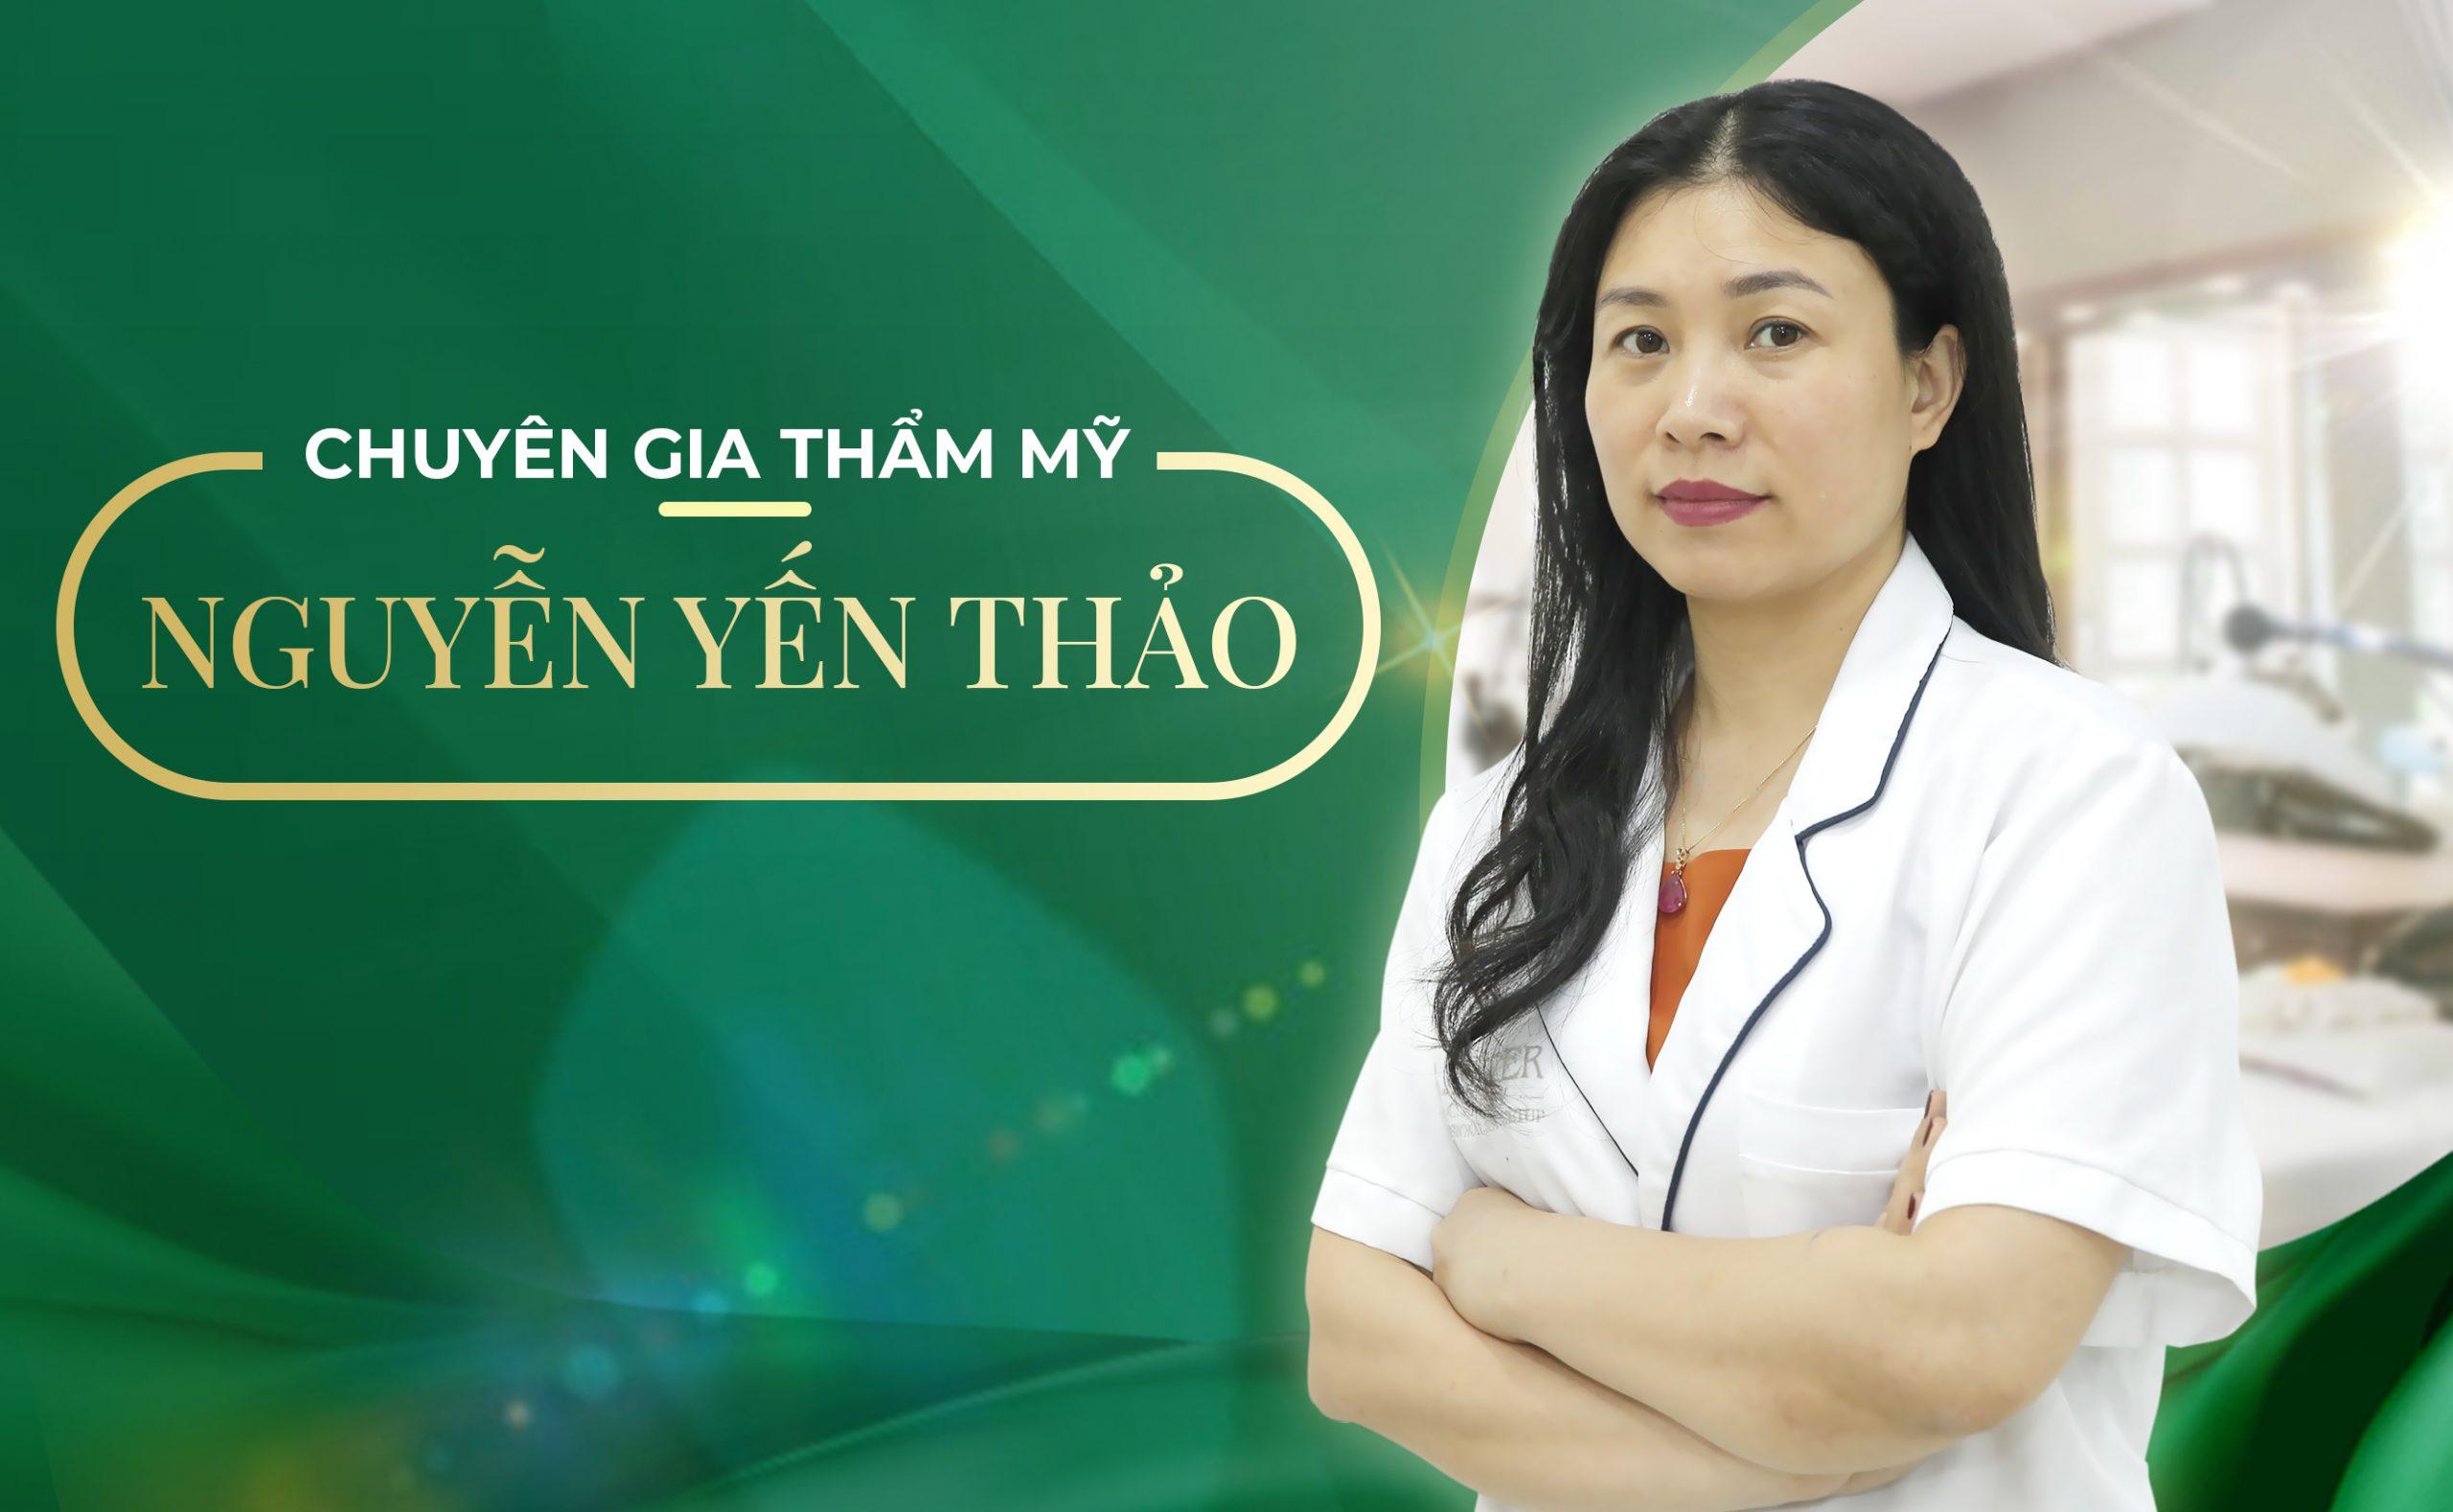 Chuyên gia thẩm mỹ   Nguyễn Yến Thảo